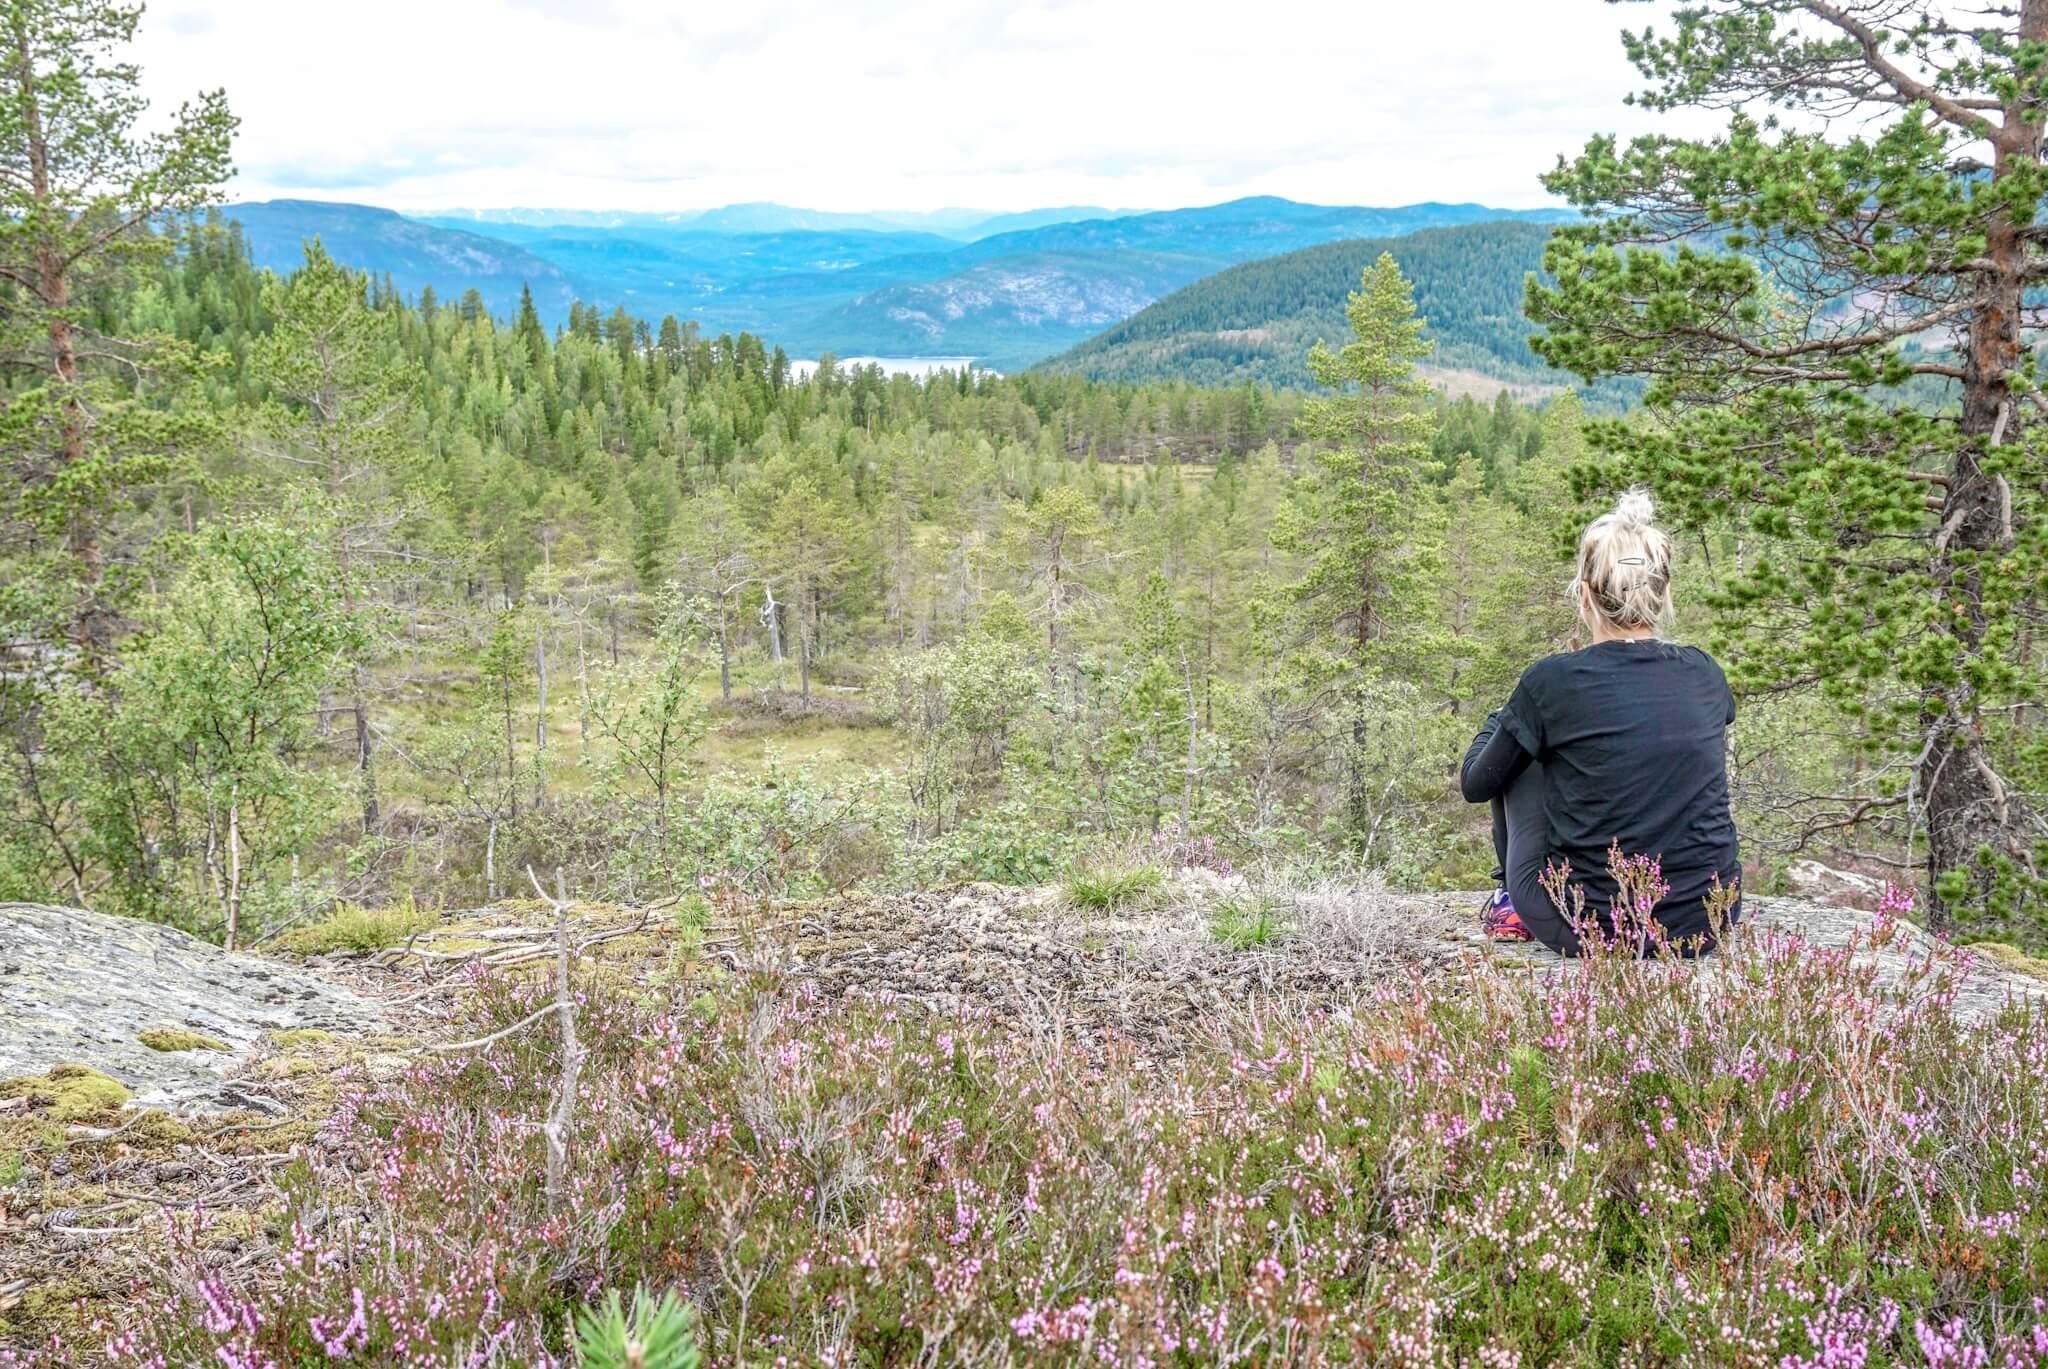 ou faire une randonnée dans le télémark norvège